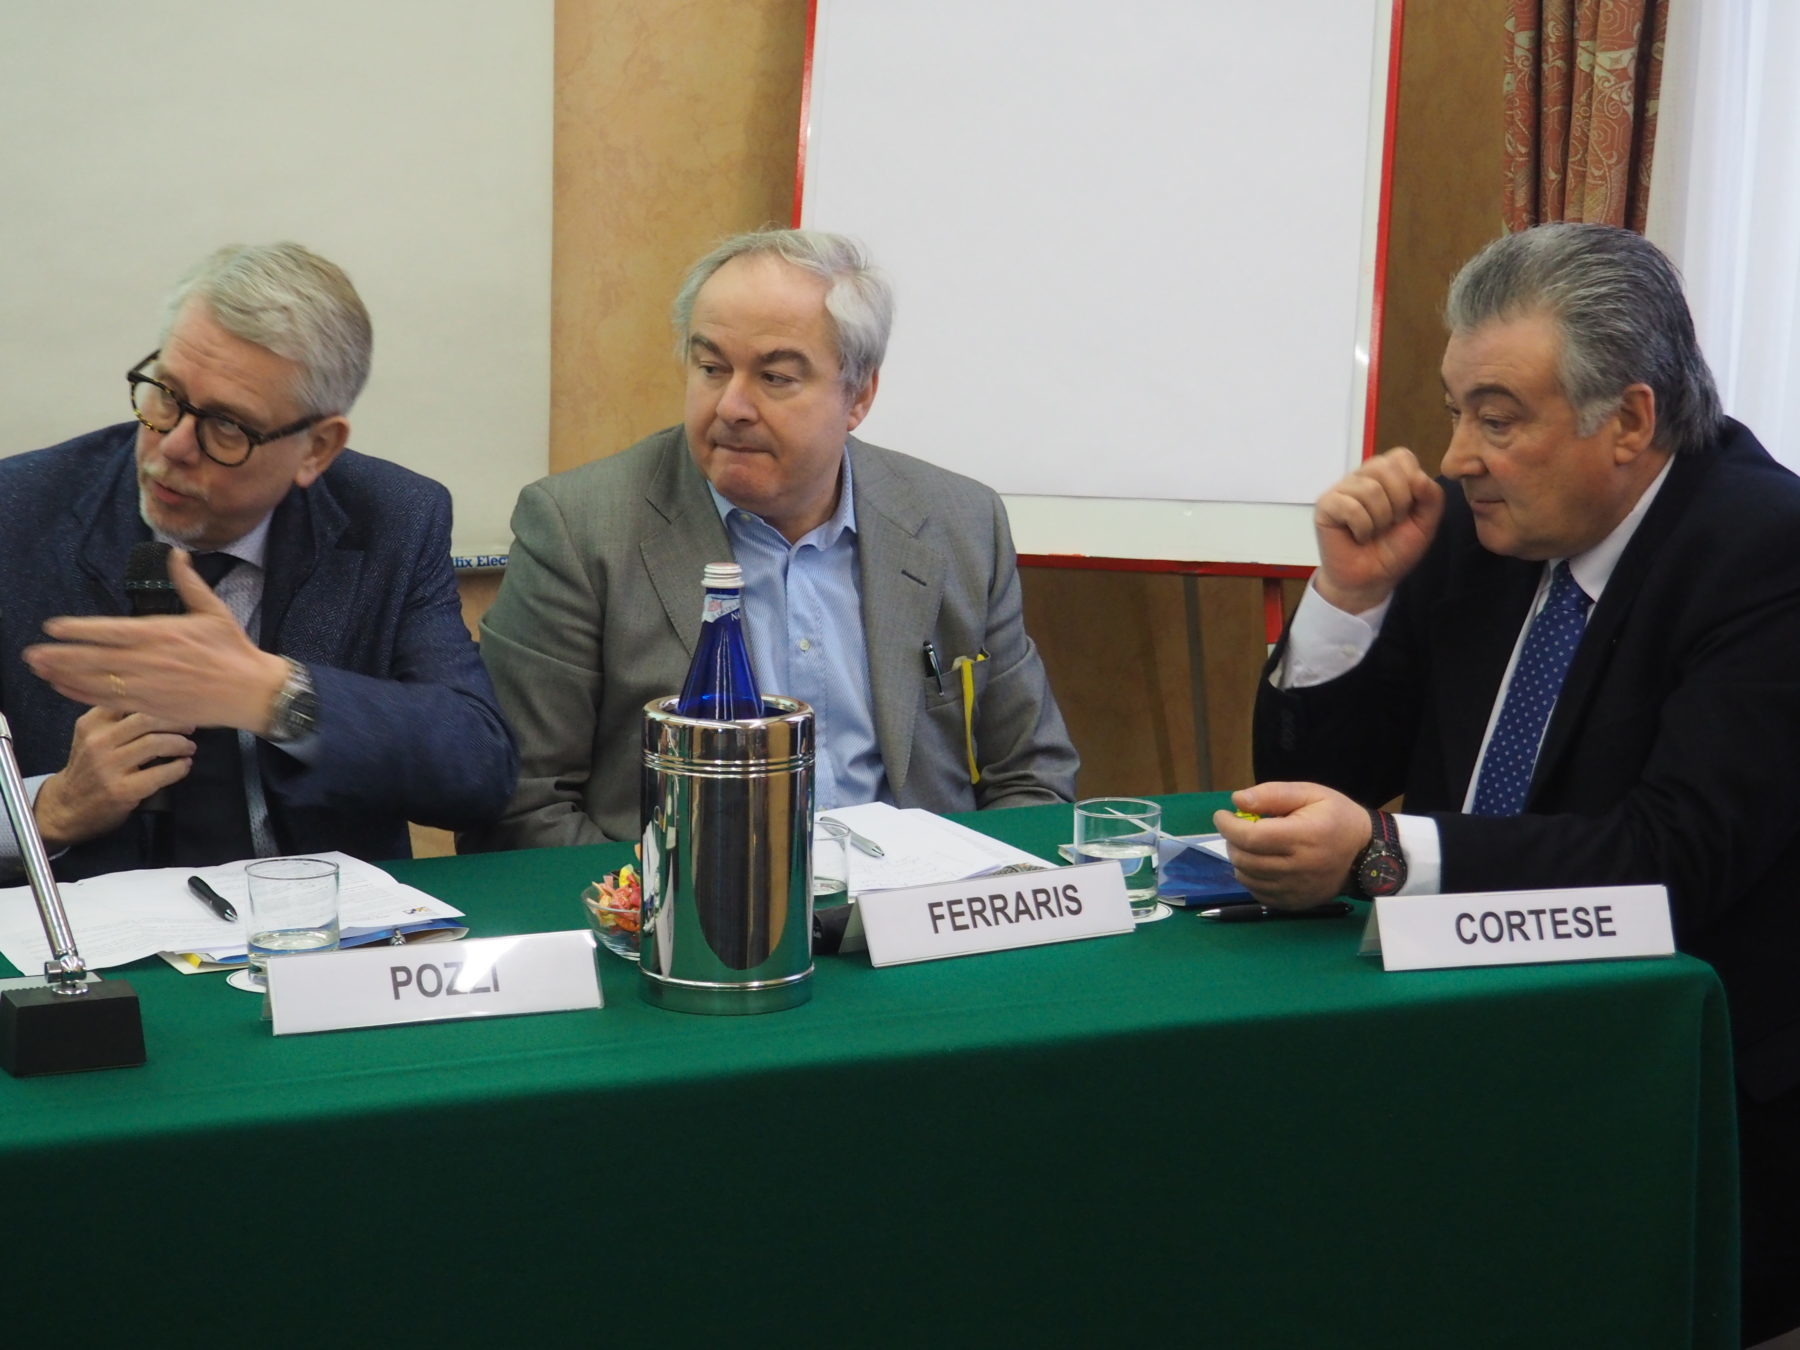 I tre segretari di Cgil Cisl Uil Piemonte: Pozzi, Ferraris e Cortese primo piano